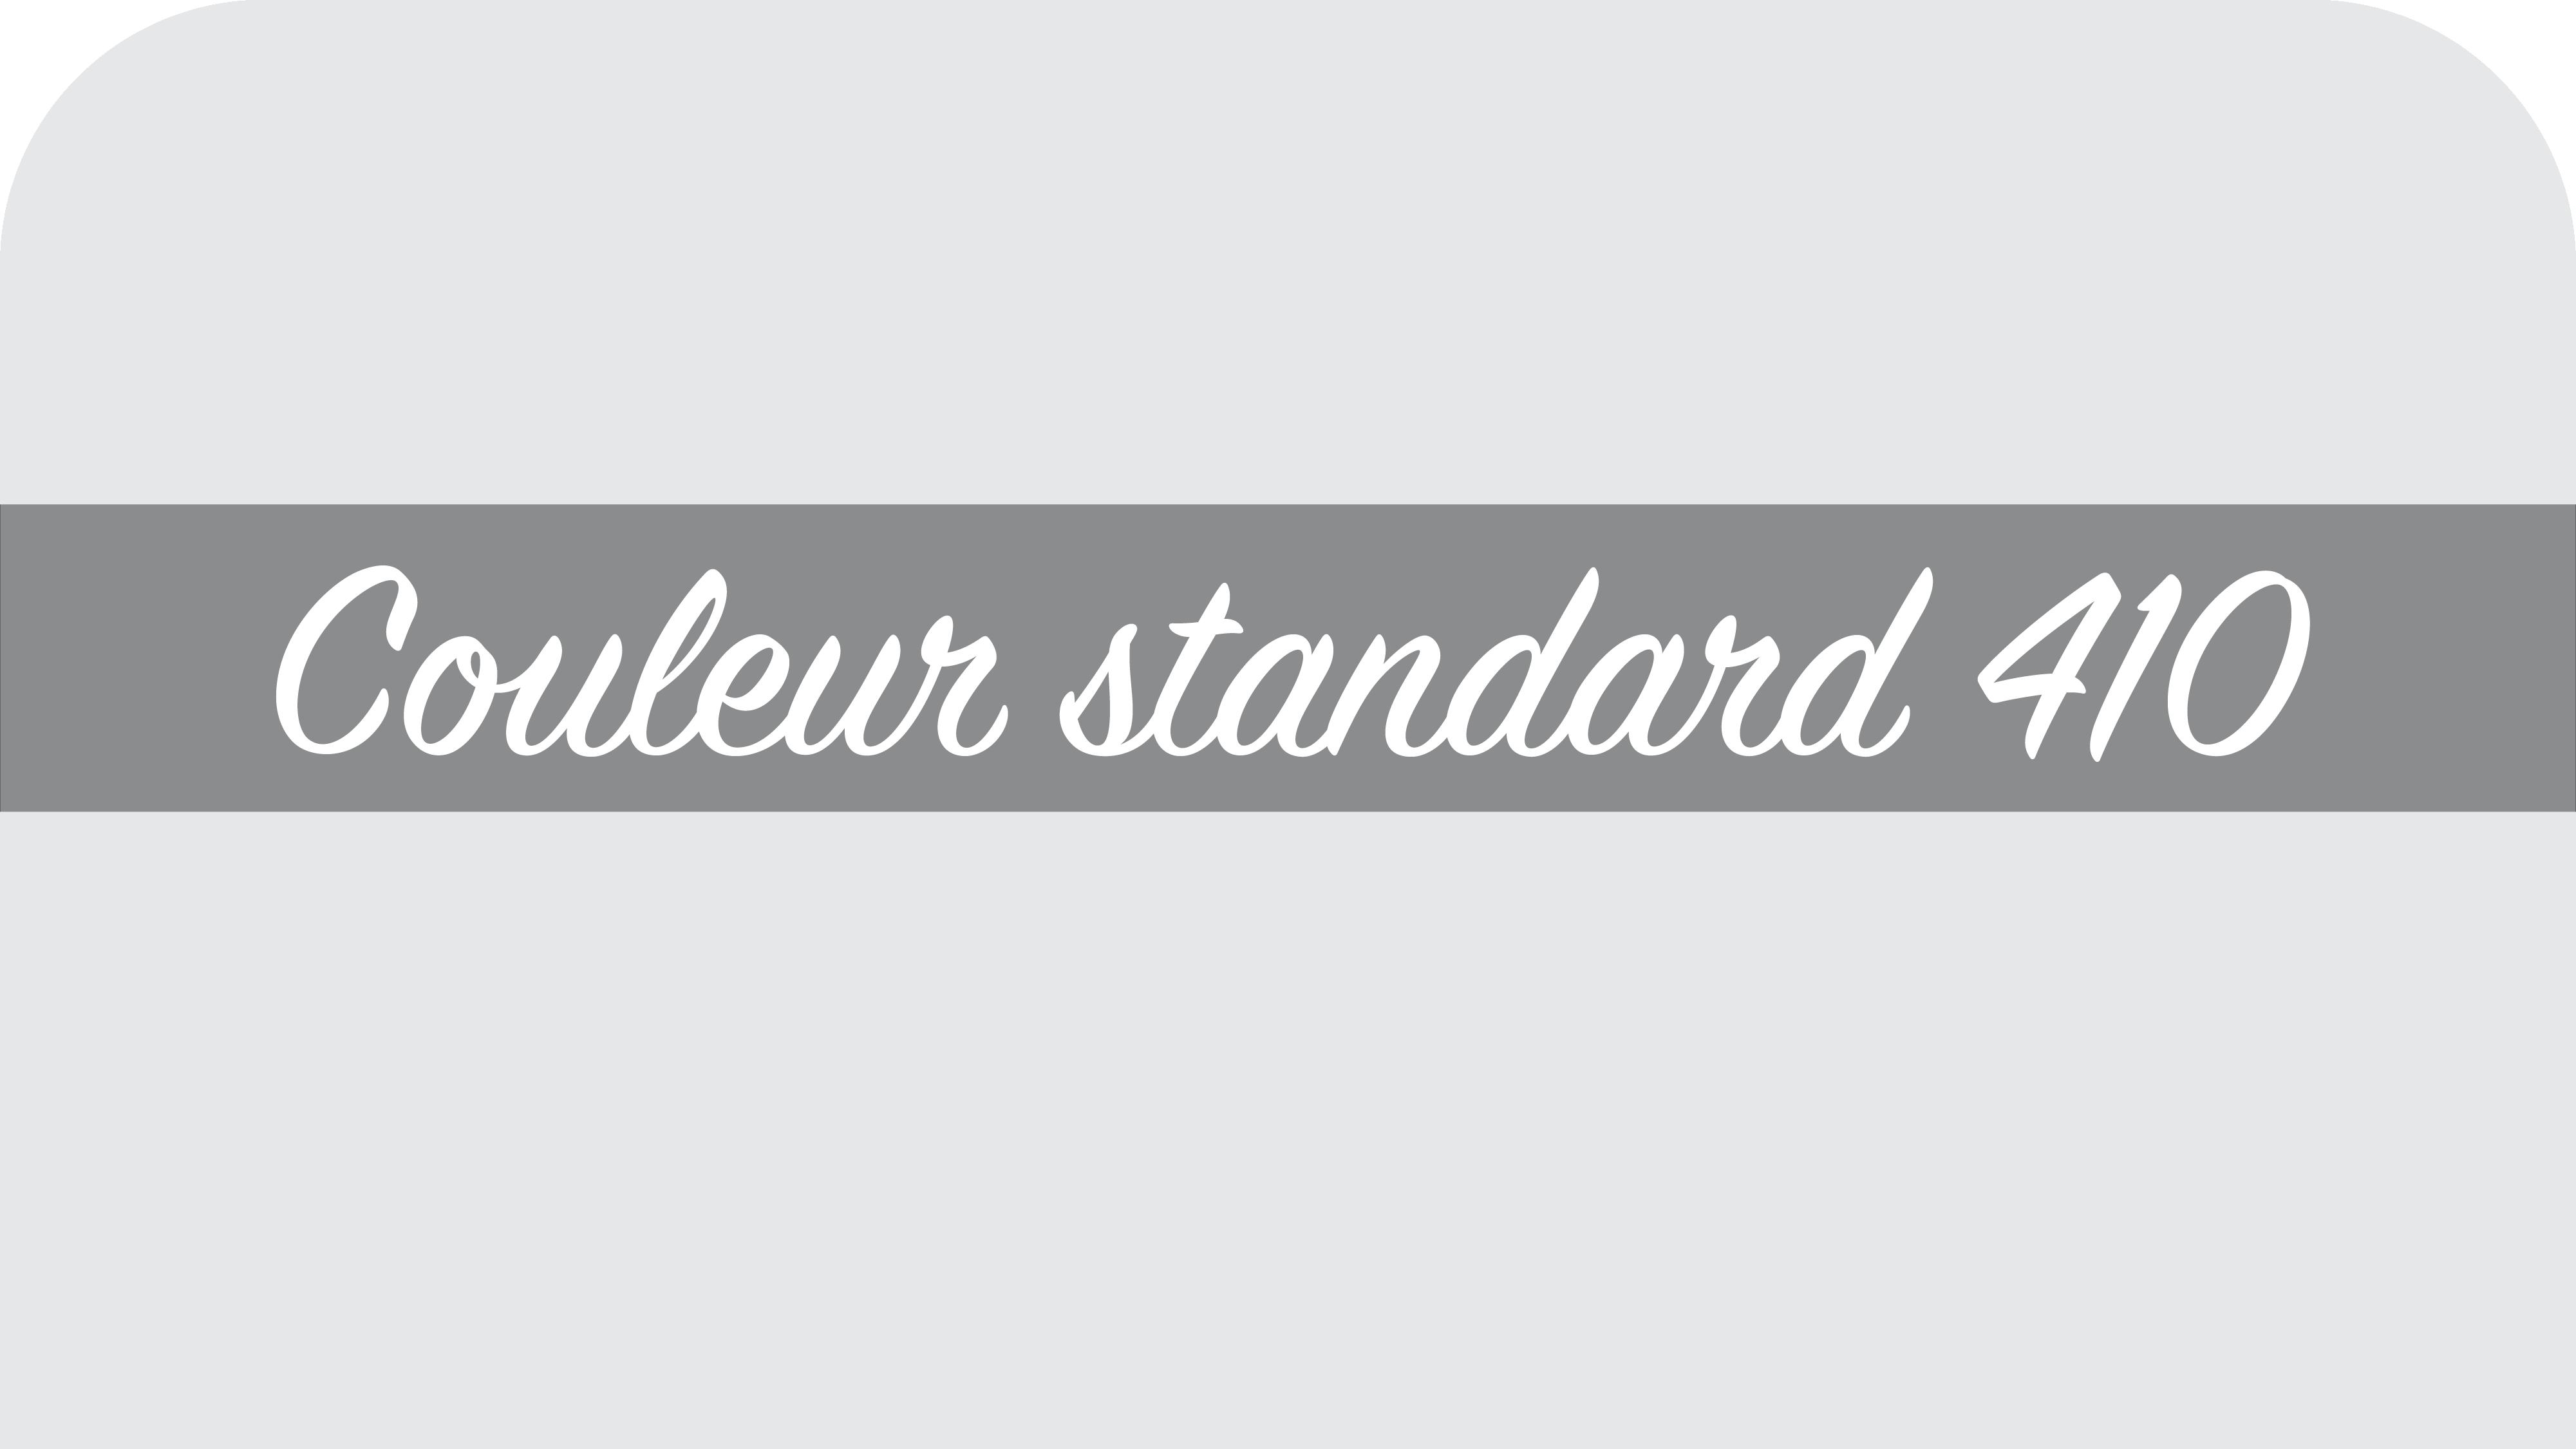 couleur-standard-410